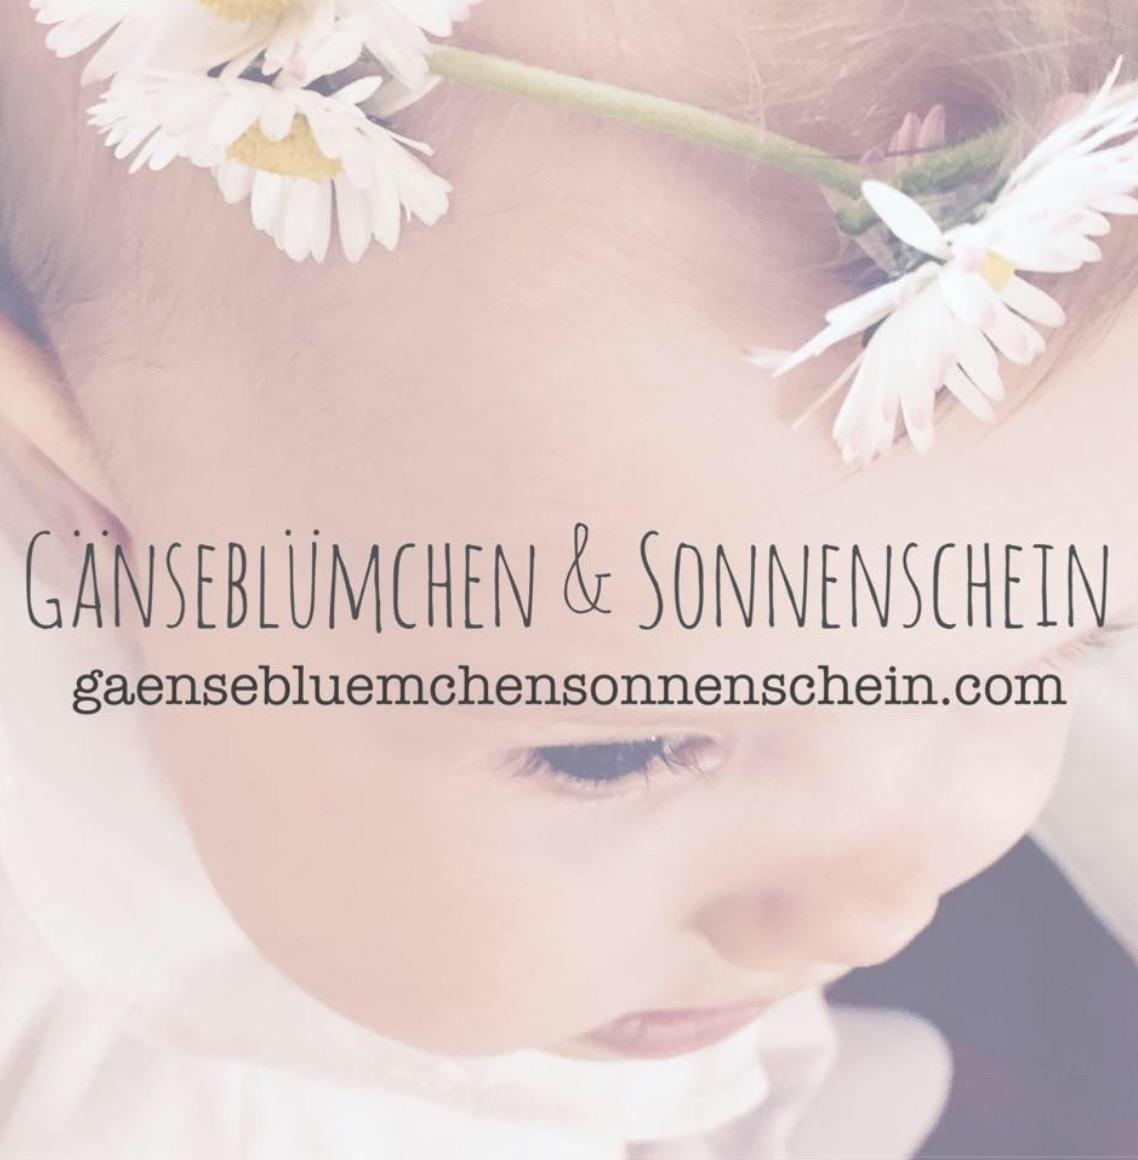 Gaensebluemchen_Sonnenschein_Gluecksmuetter